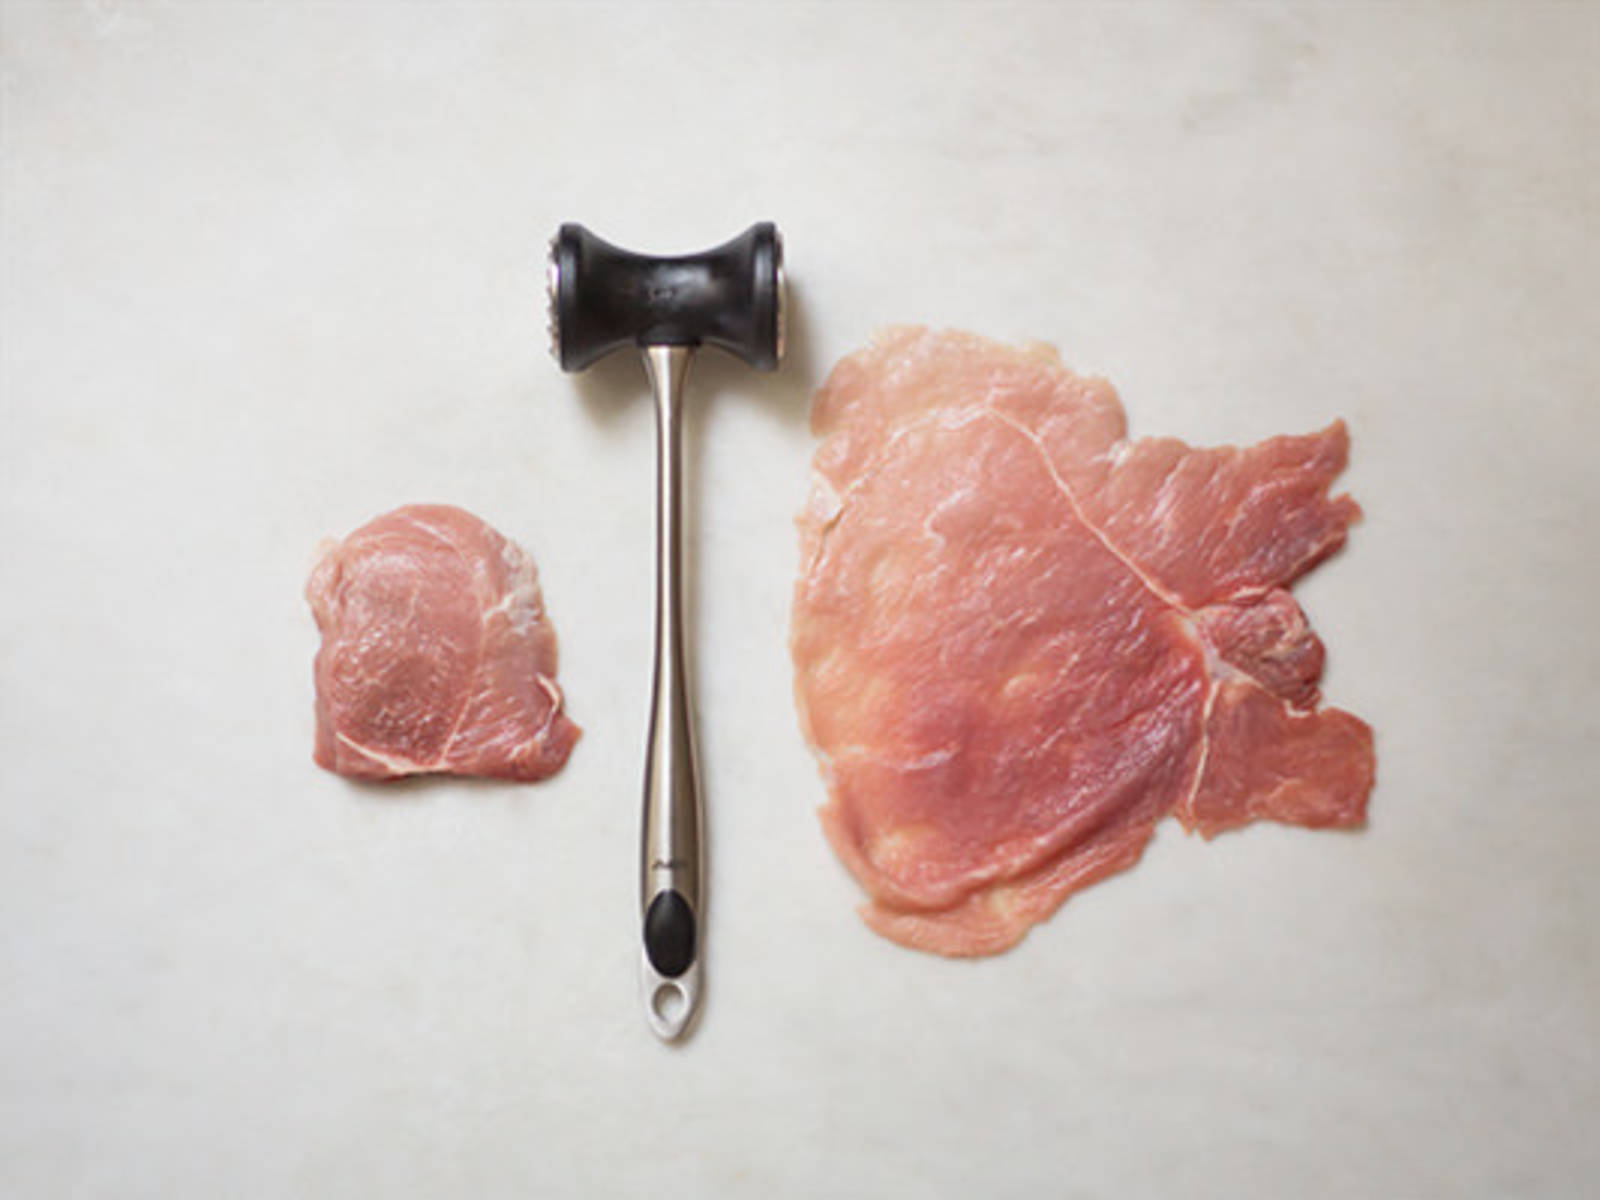 fleisch klopfen so geht 39 s rezept mit video kitchen stories. Black Bedroom Furniture Sets. Home Design Ideas